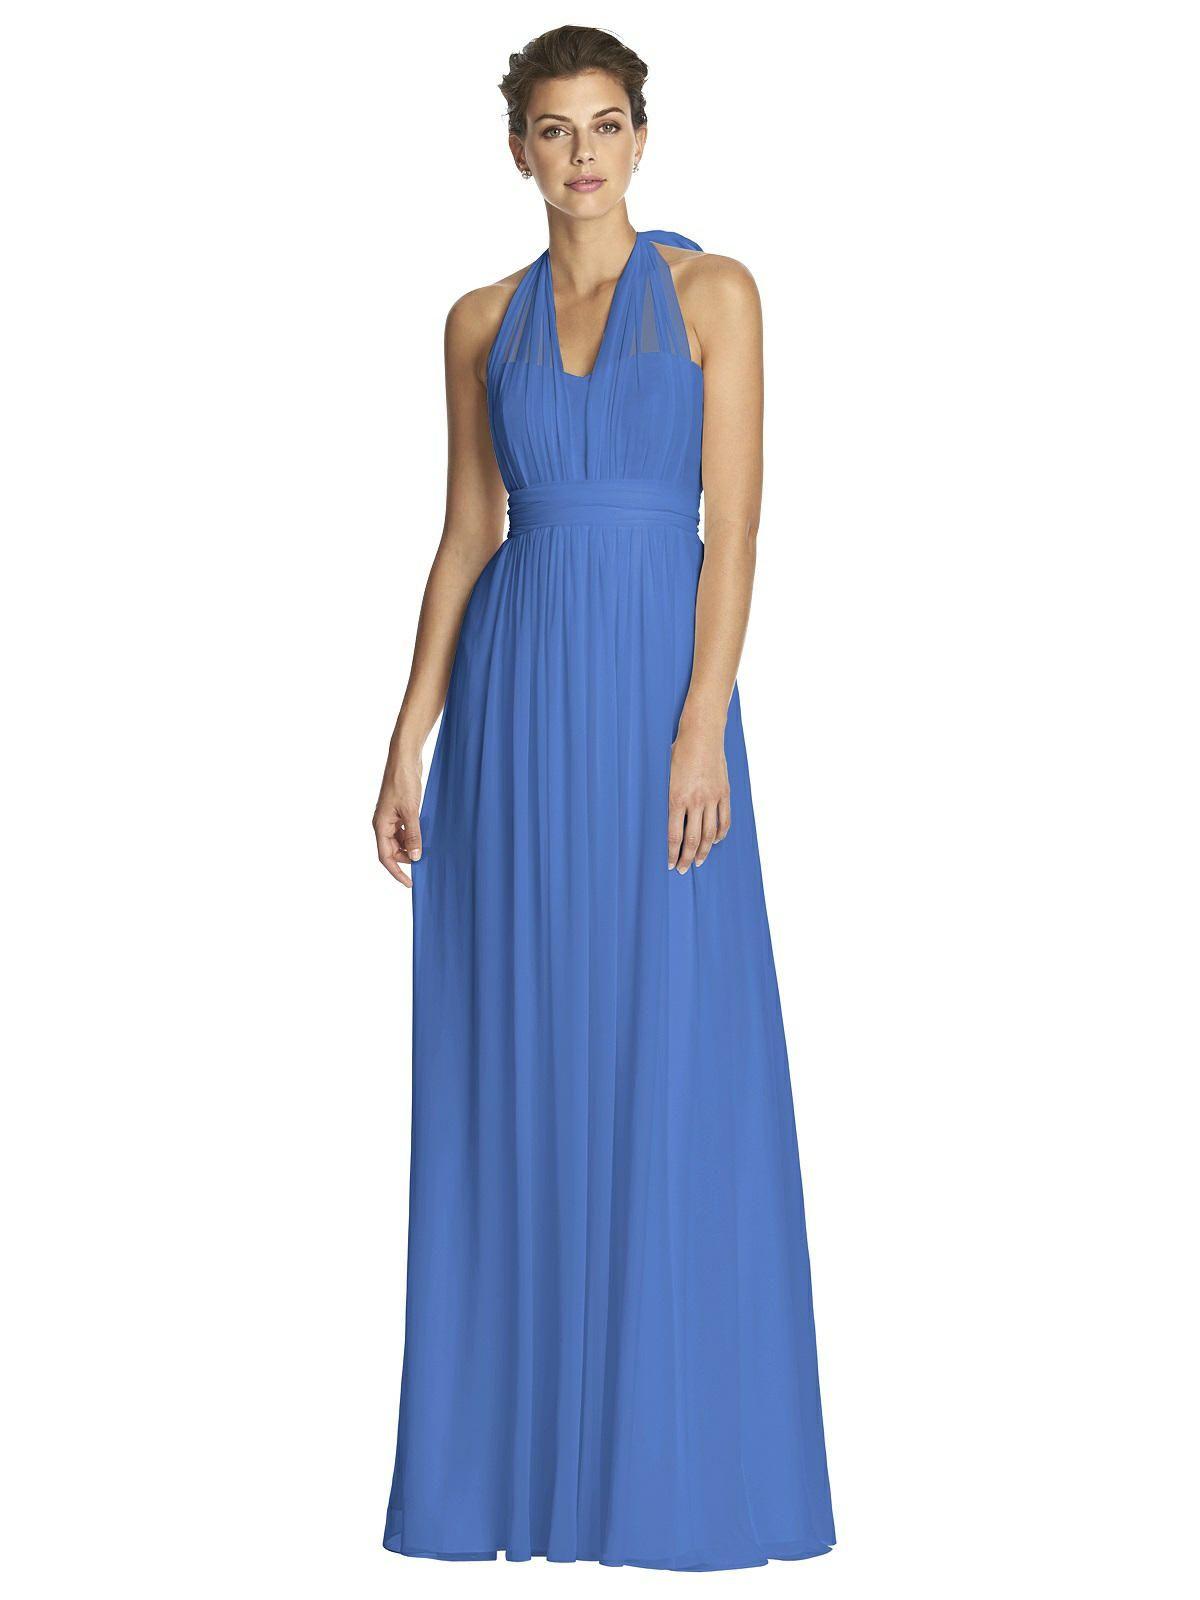 5c9df8d1a1 Dessy Junior Bridesmaid Dresses Uk